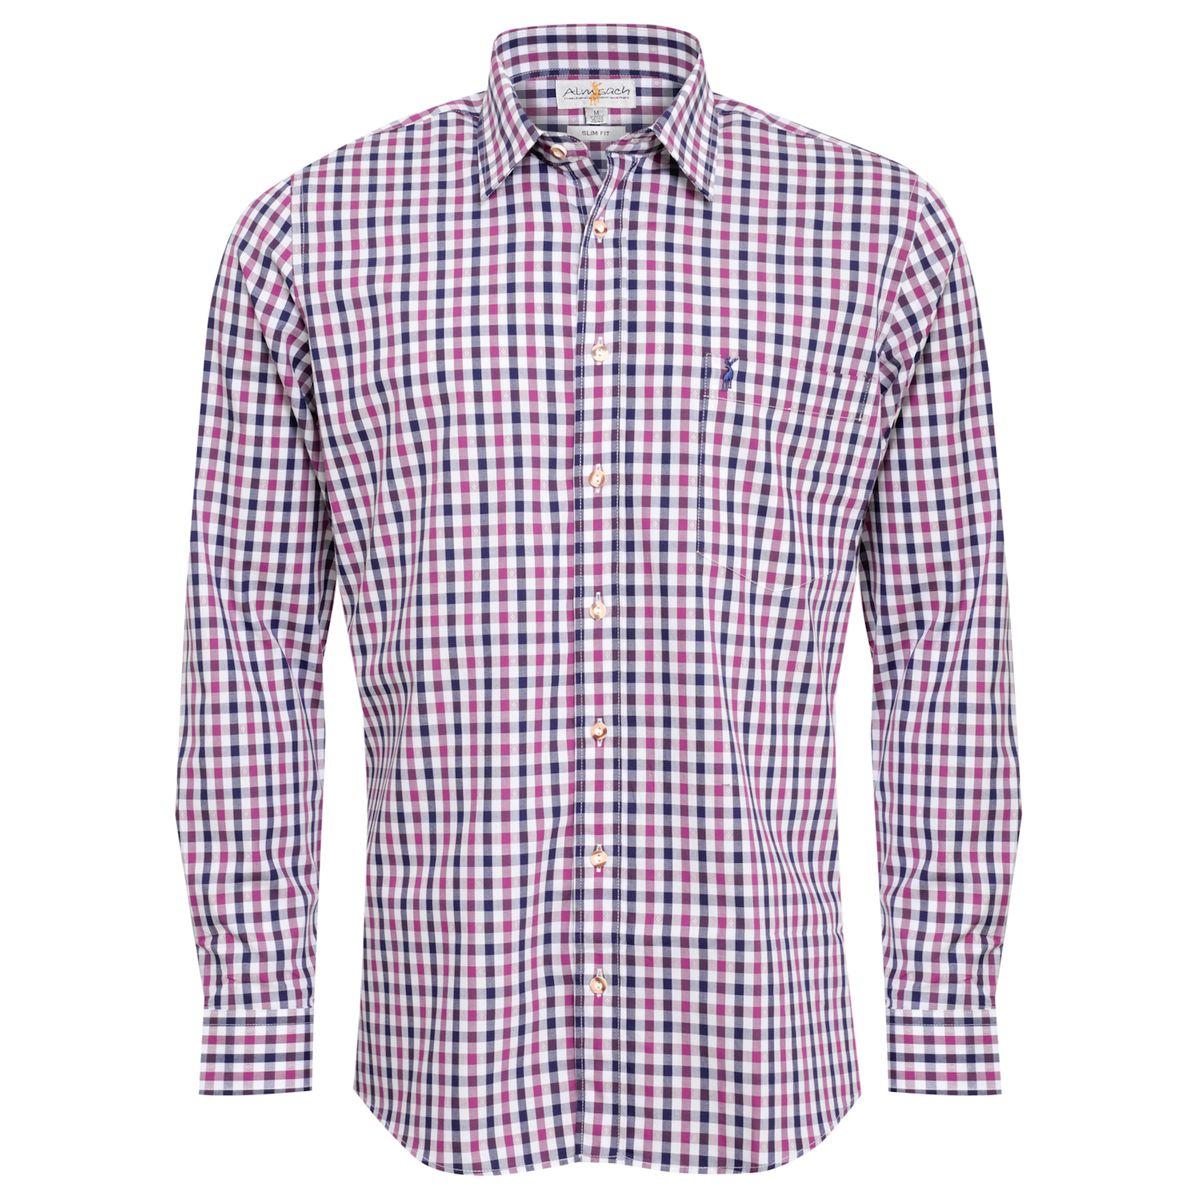 Trachtenhemd Siggi Slim Fit zweifarbig in Lila und Dunkelblau von Almsach günstig online kaufen